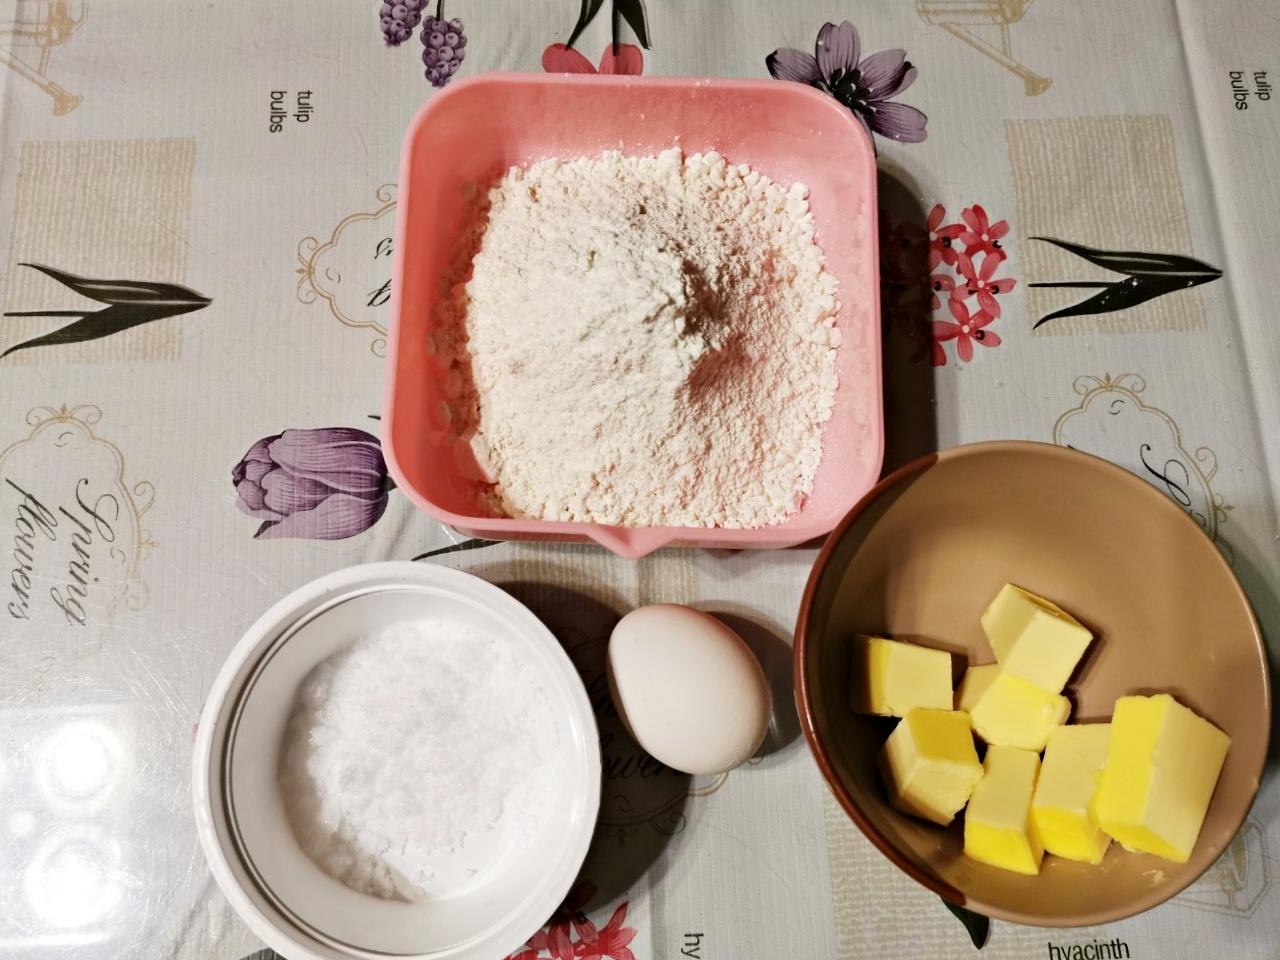 【烘焙日記】檸檬塔食譜、作法、注意事項及準備材料